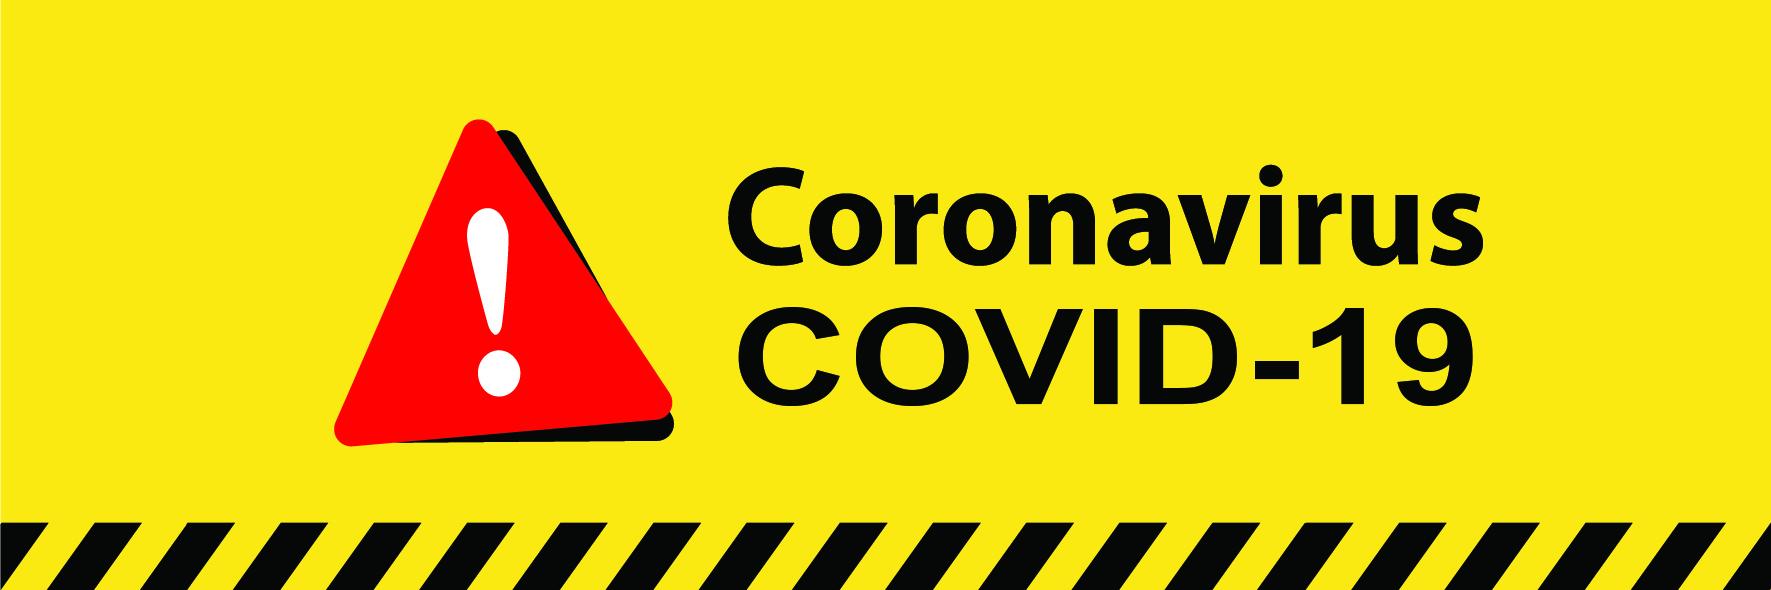 Coronavirus COVID-19 Alert